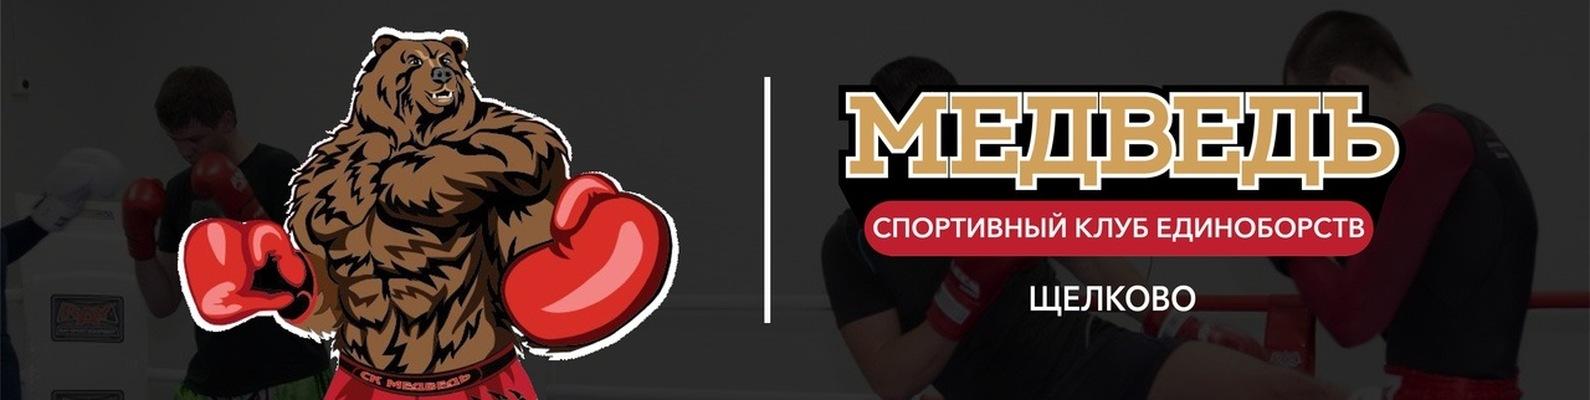 Кетамин Сайт Москва где купить гашишь в хургаде